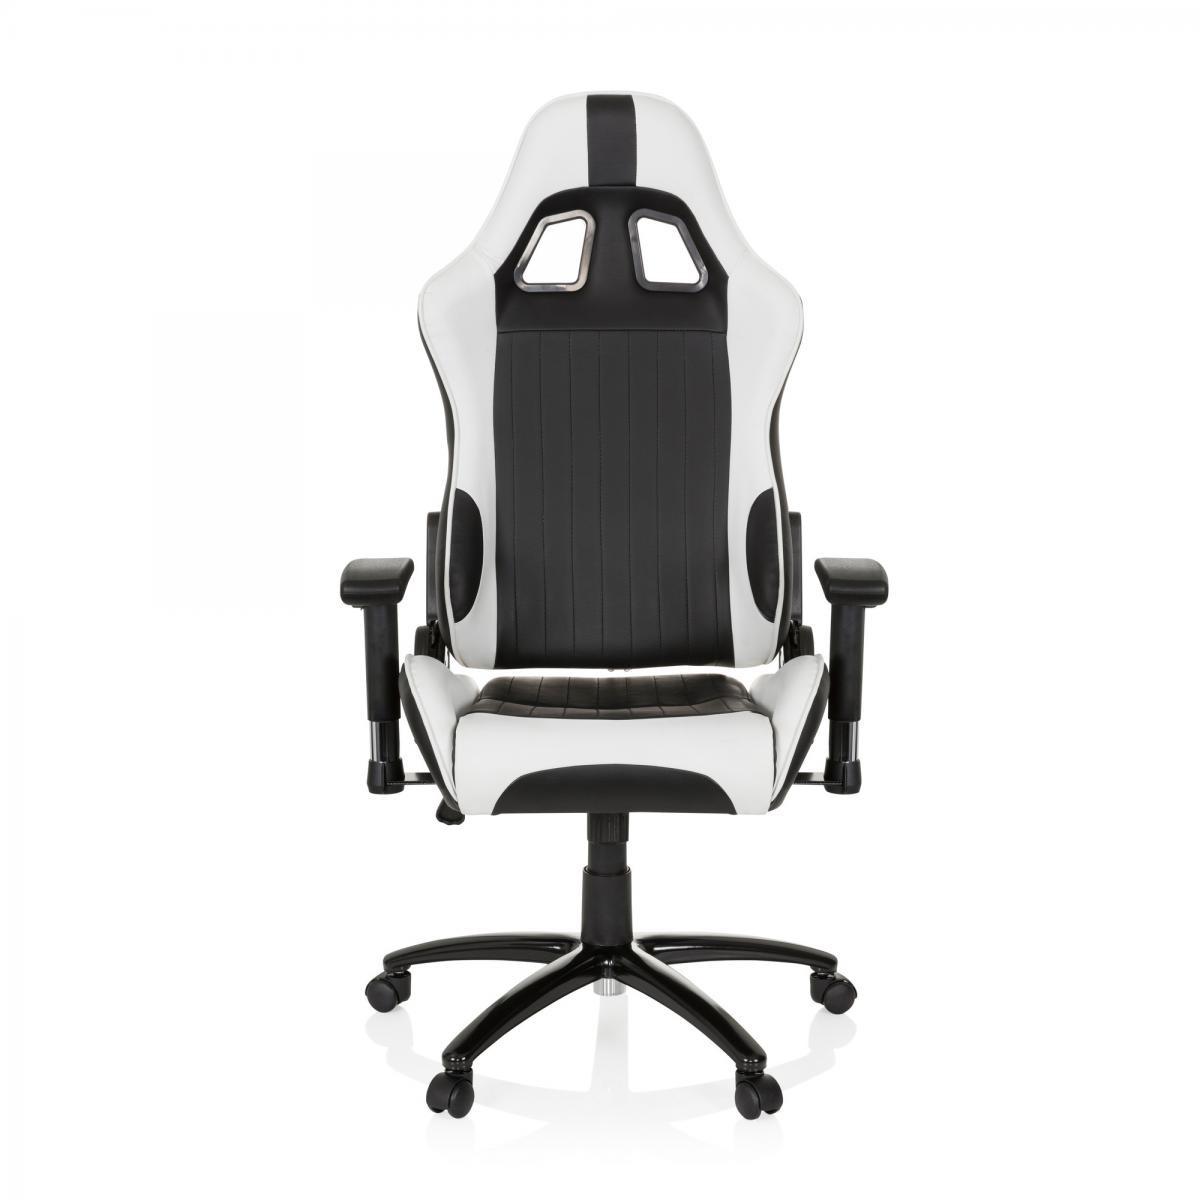 Hjh Office Chaise Gaming / Chaise de bureau siège baquet simili cuir MONACO II noir / blanc hjh OFFICE